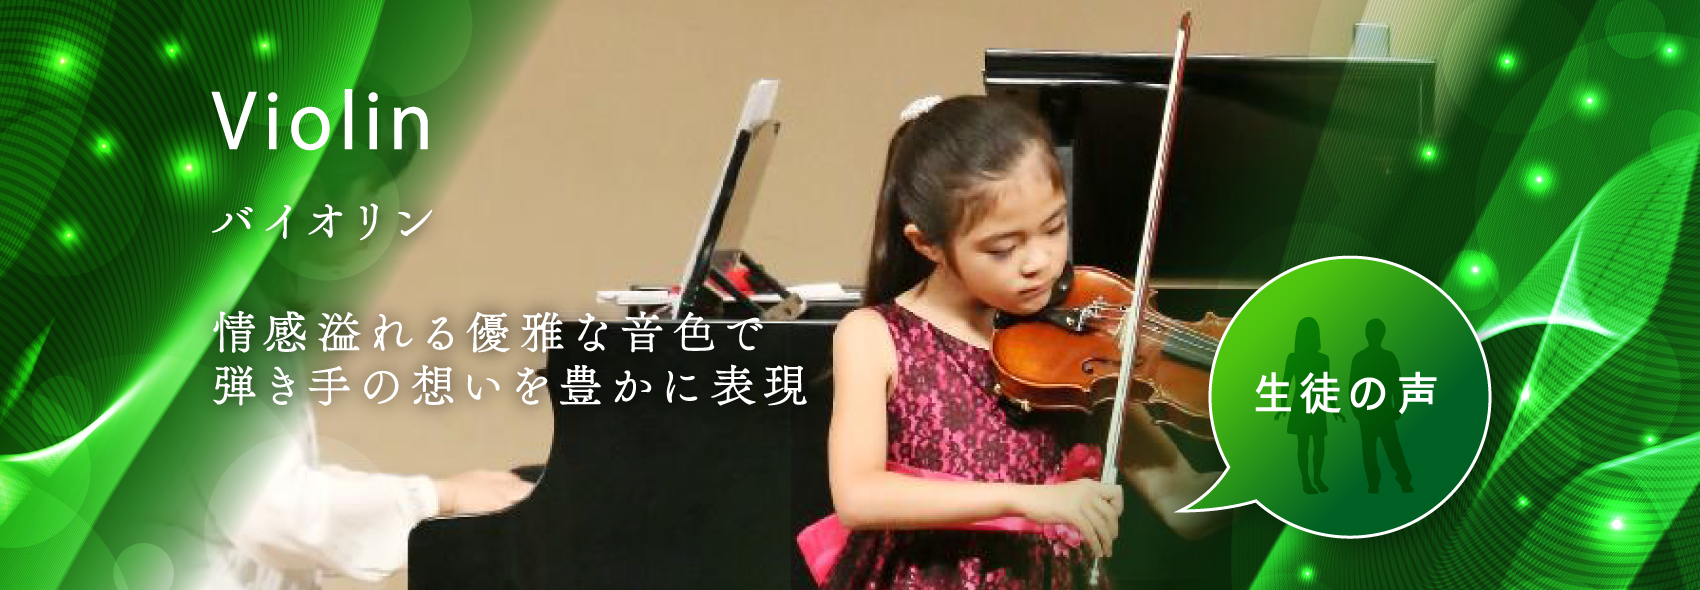 Violin 情感溢れる優雅な音色で 弾き手の想いを豊かに表現